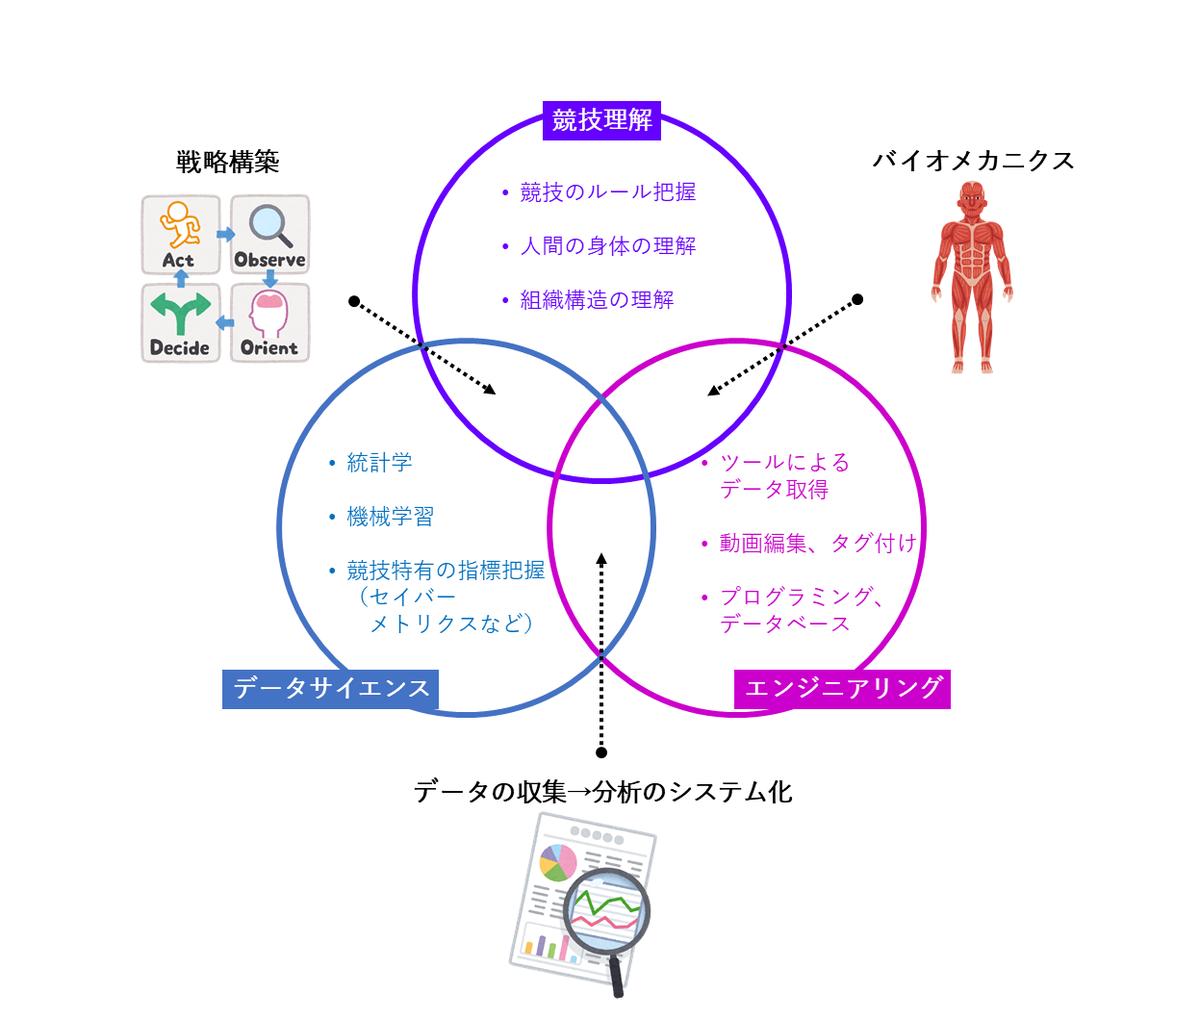 f:id:tsuyu_pon:20200422181717p:plain